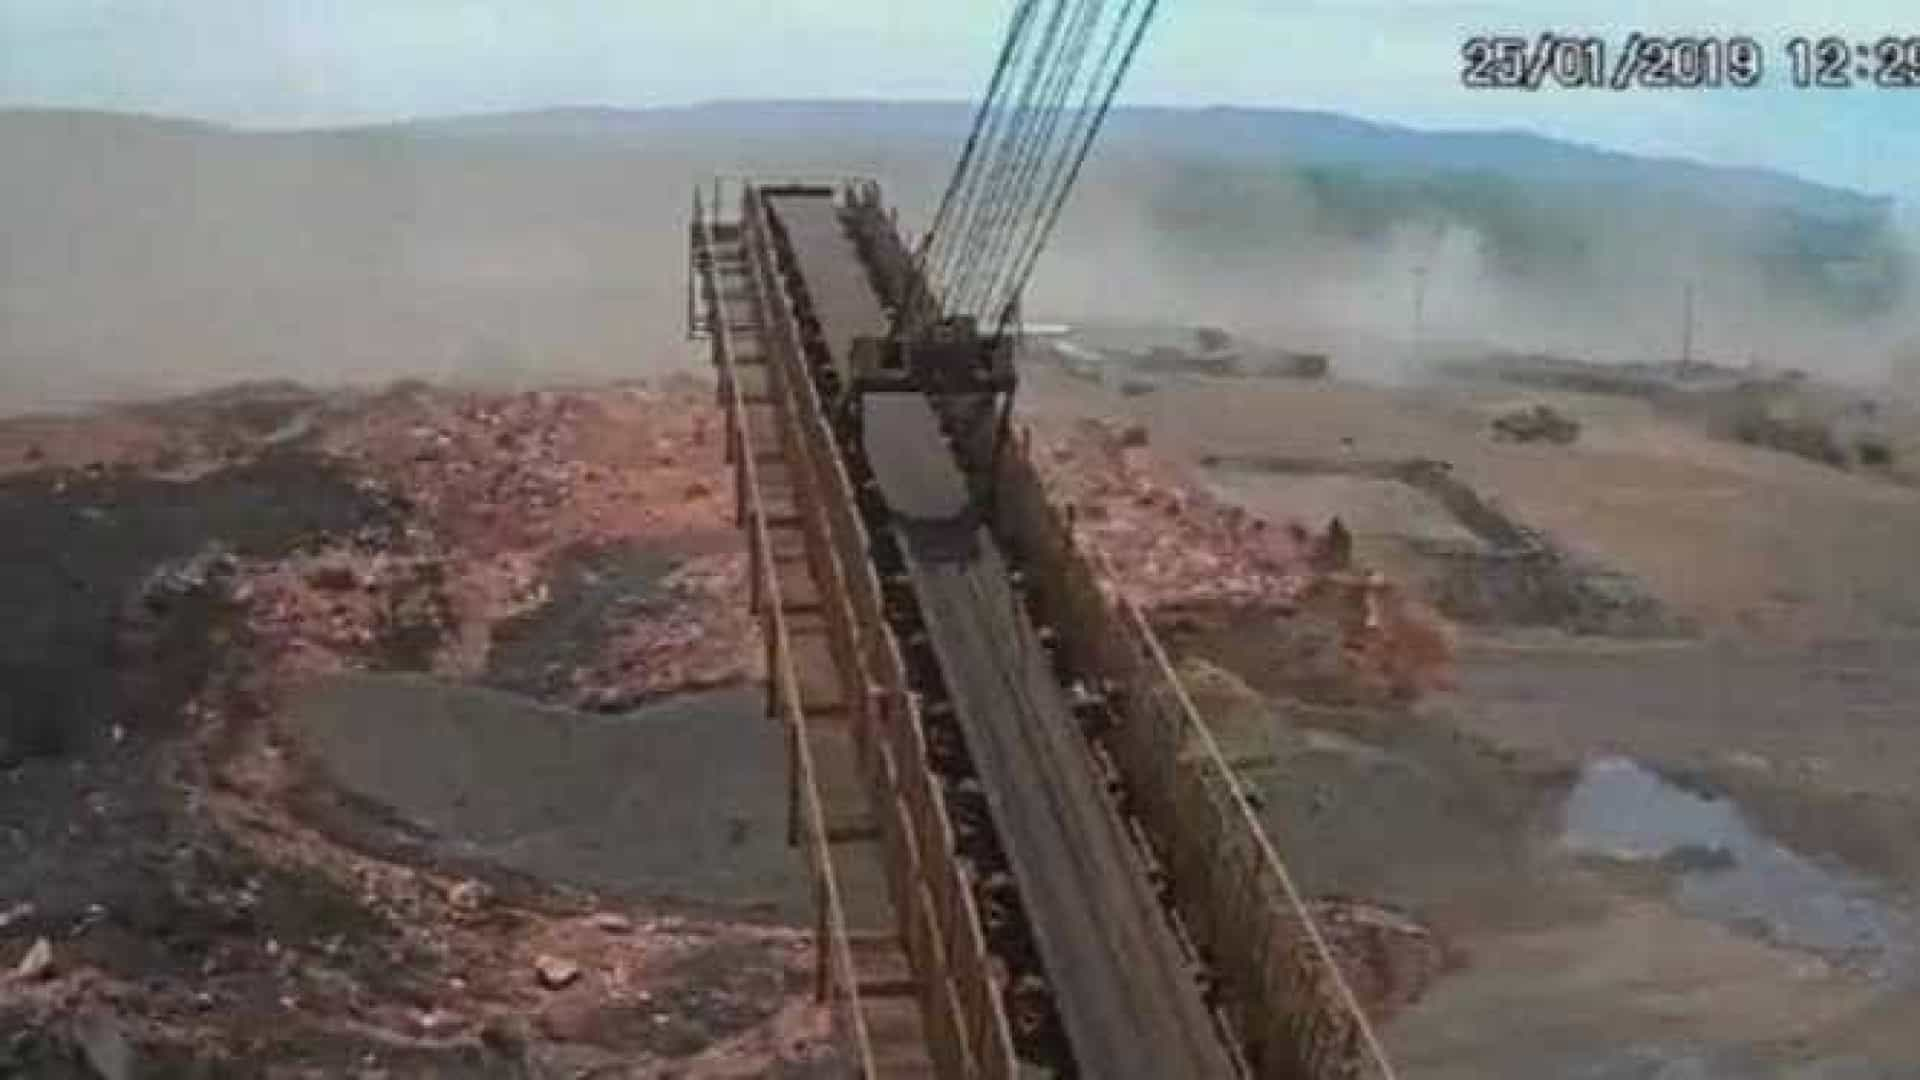 Vídeo mostra momento em que barragem se rompe em Brumadinho; assista